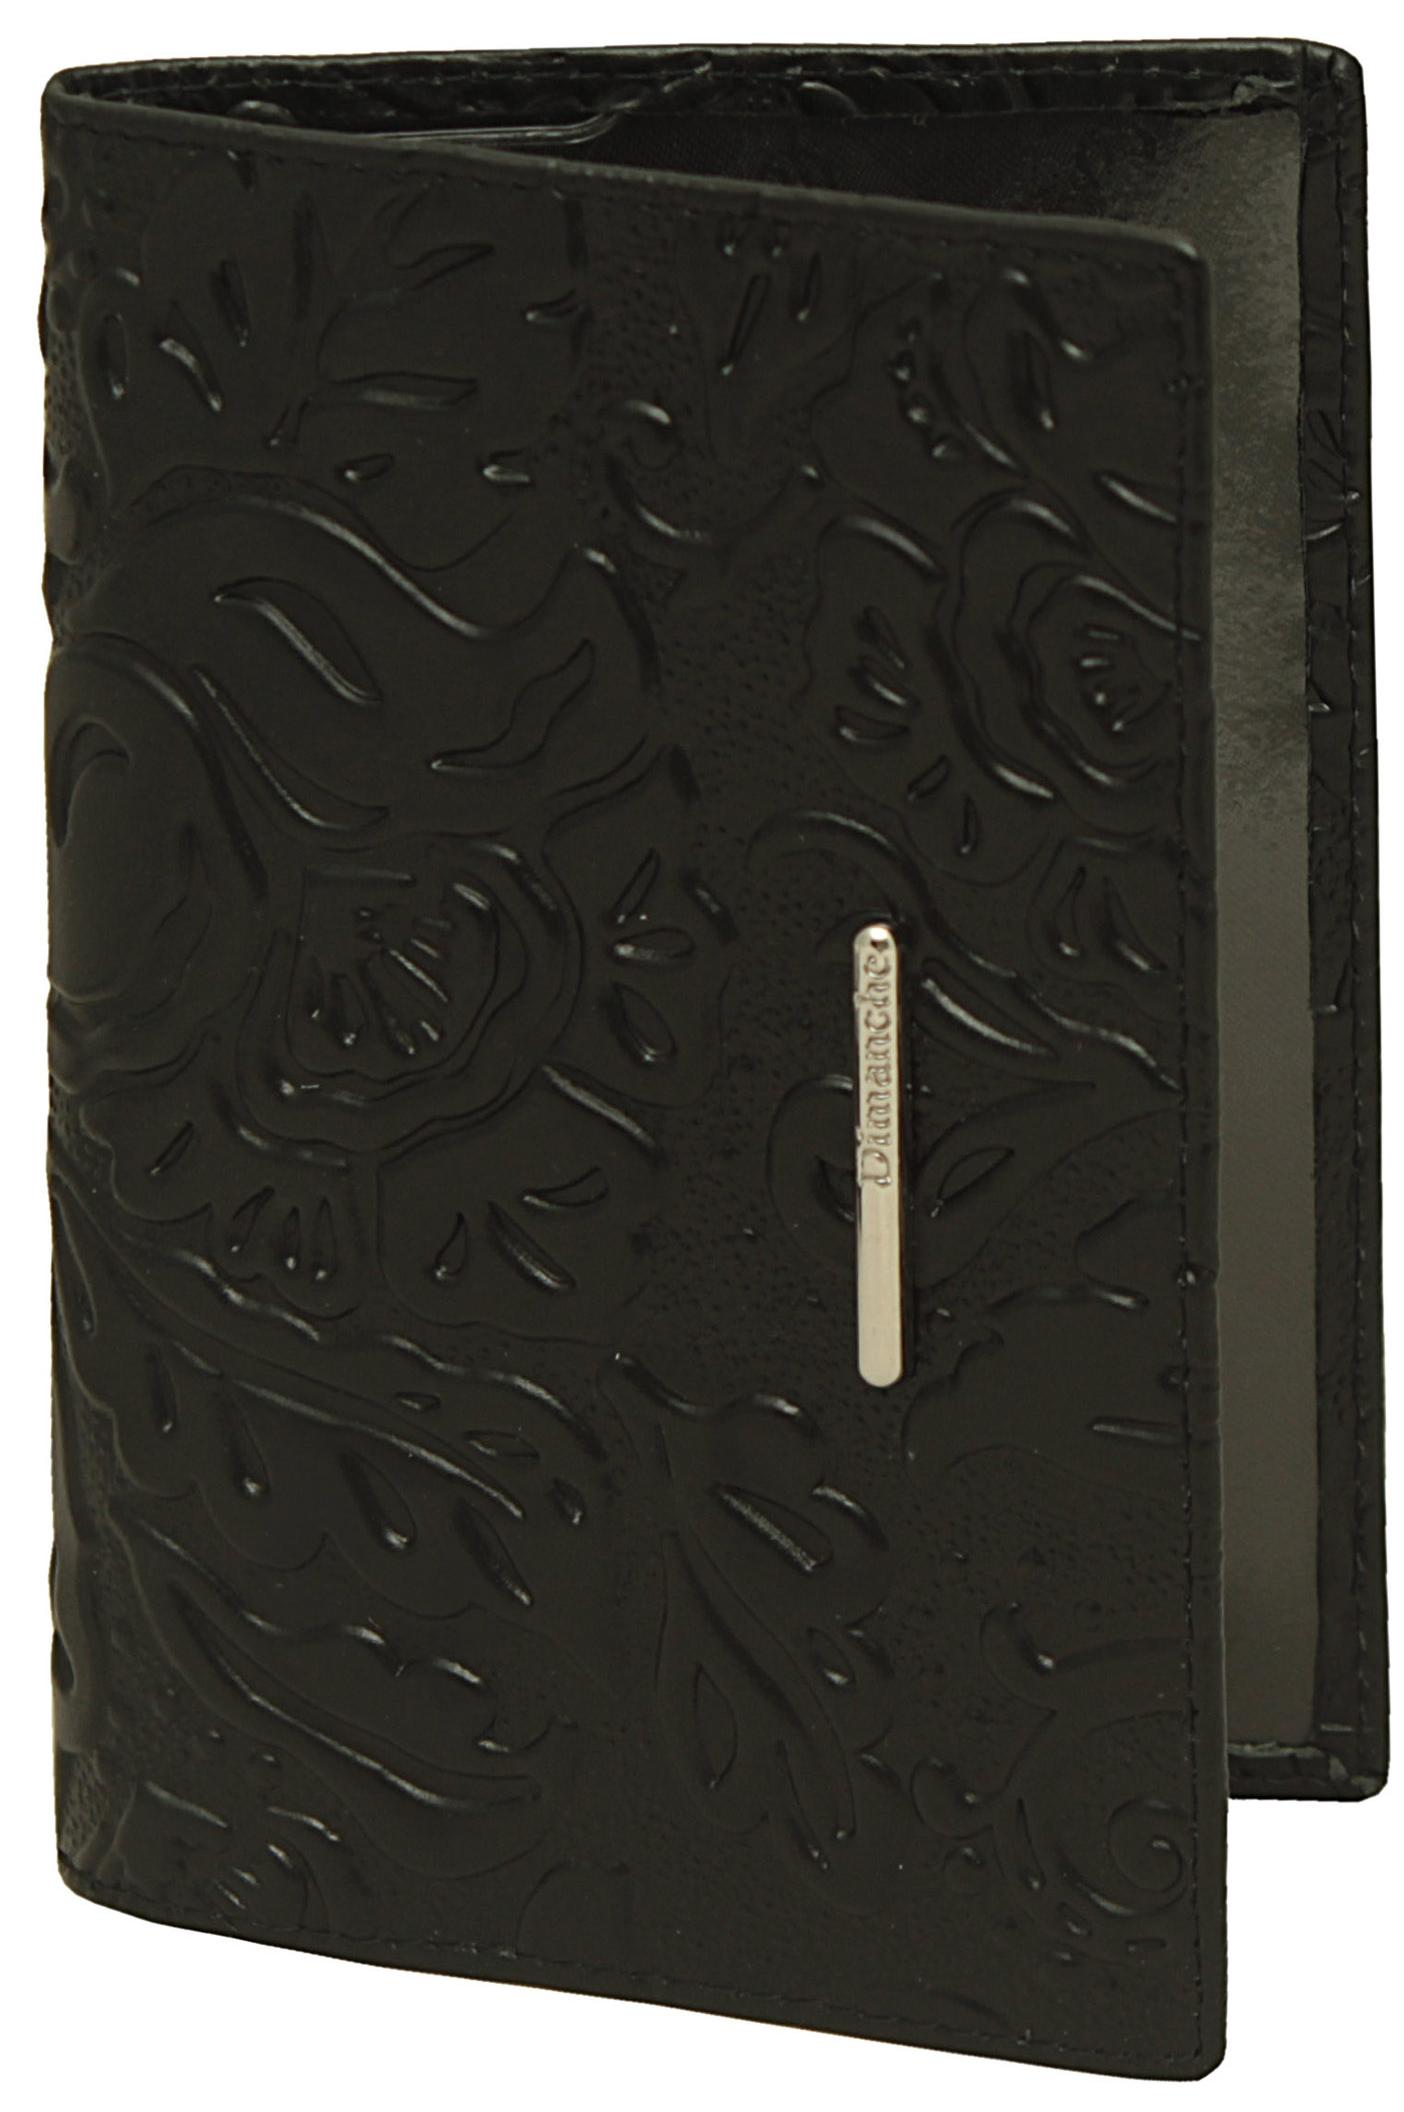 цена Обложка для паспорта женская Dimanche, цвет: черный. 350 онлайн в 2017 году